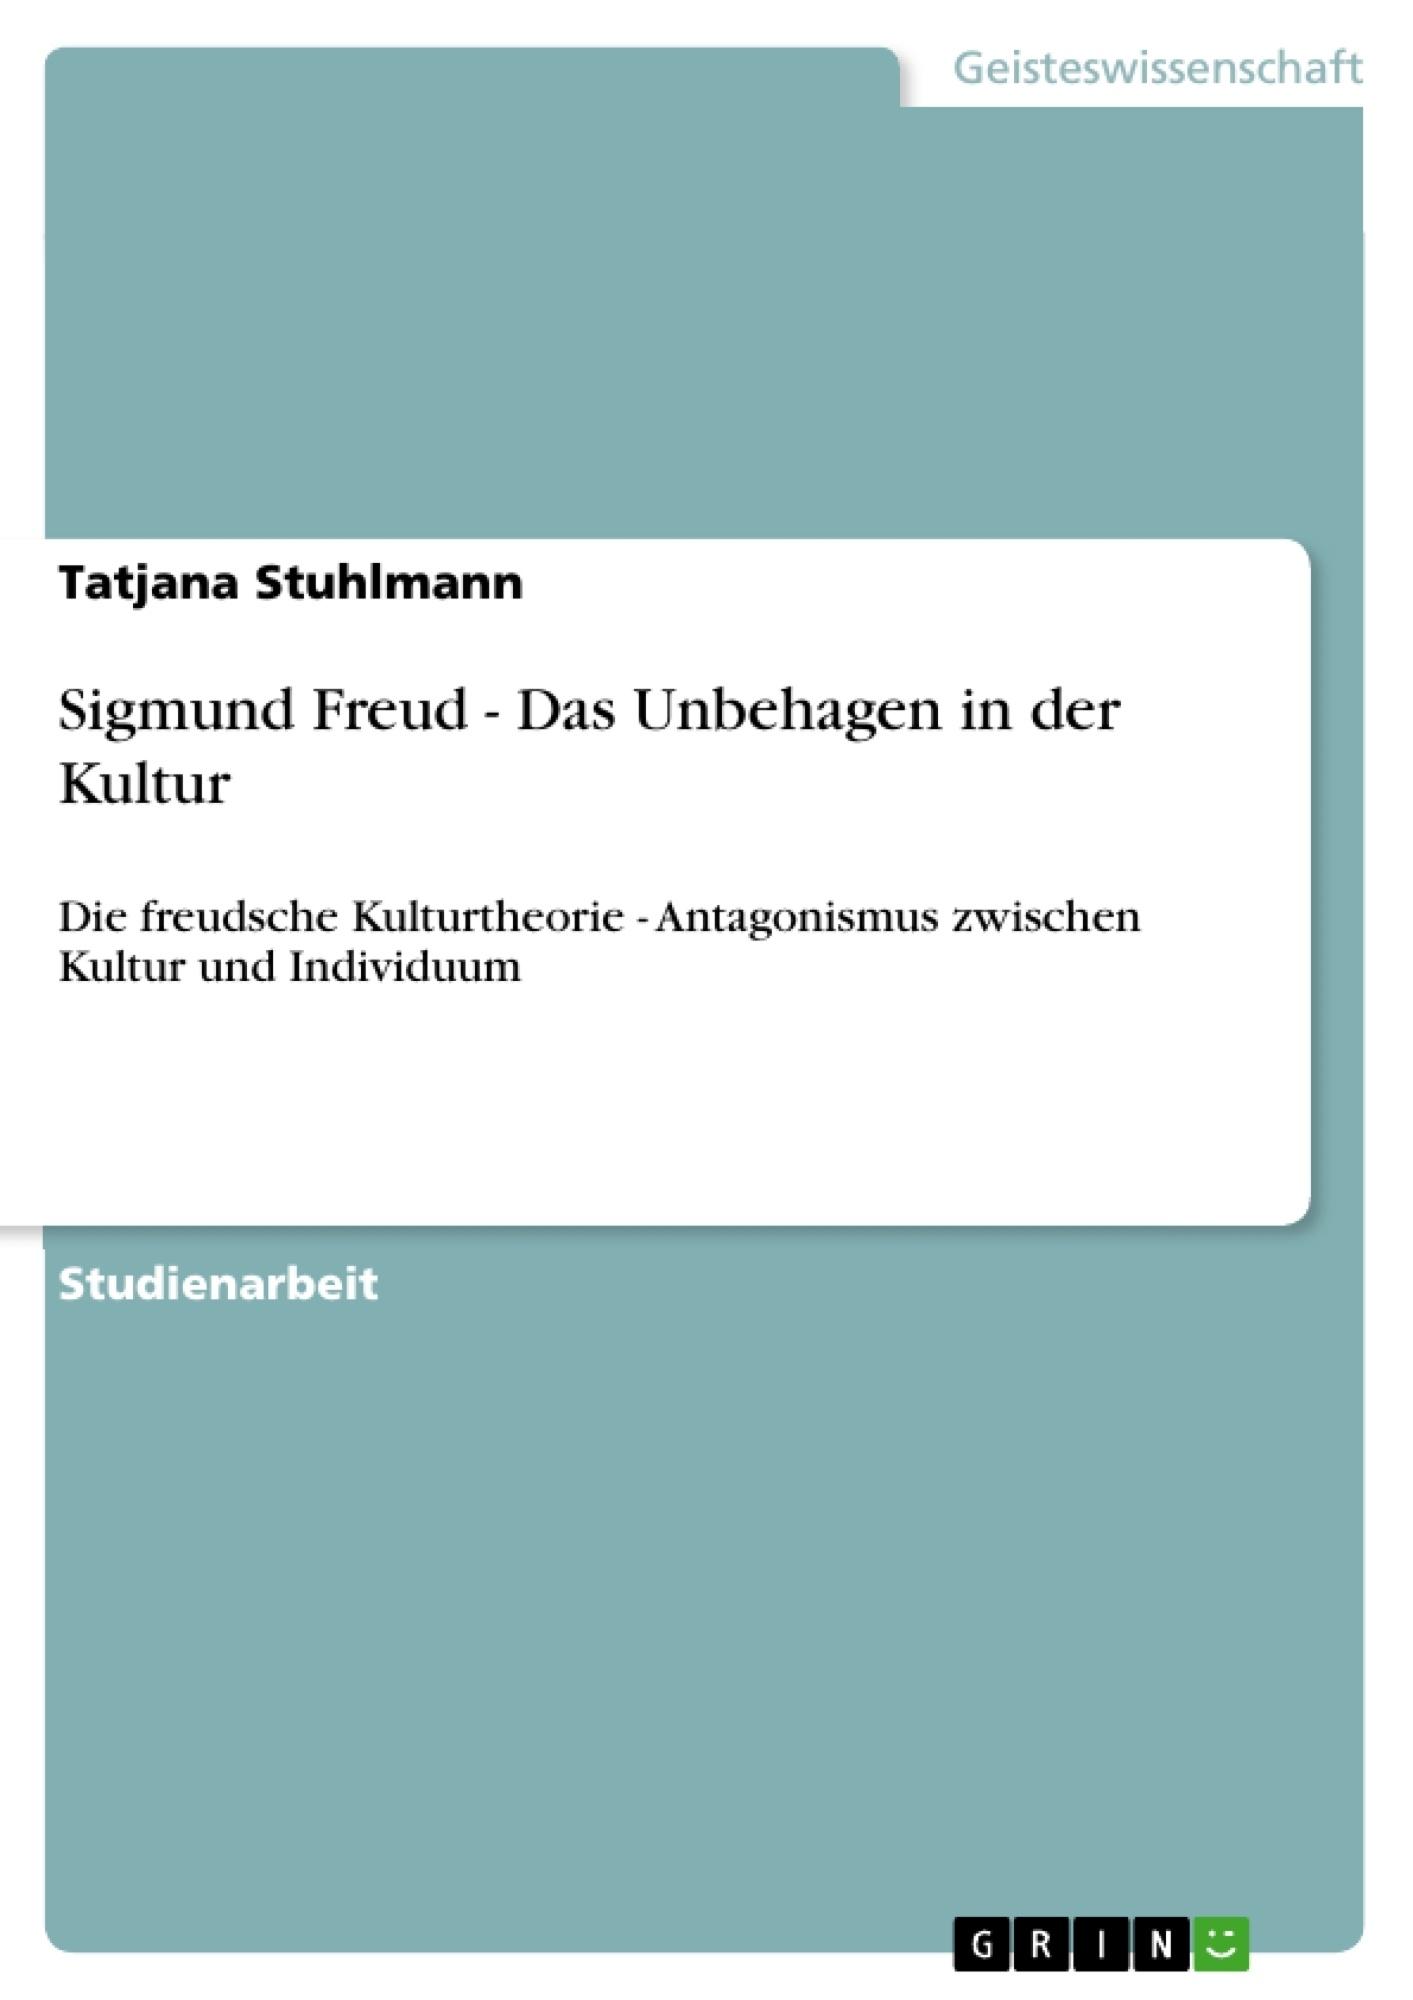 Titel: Sigmund Freud - Das Unbehagen in der Kultur